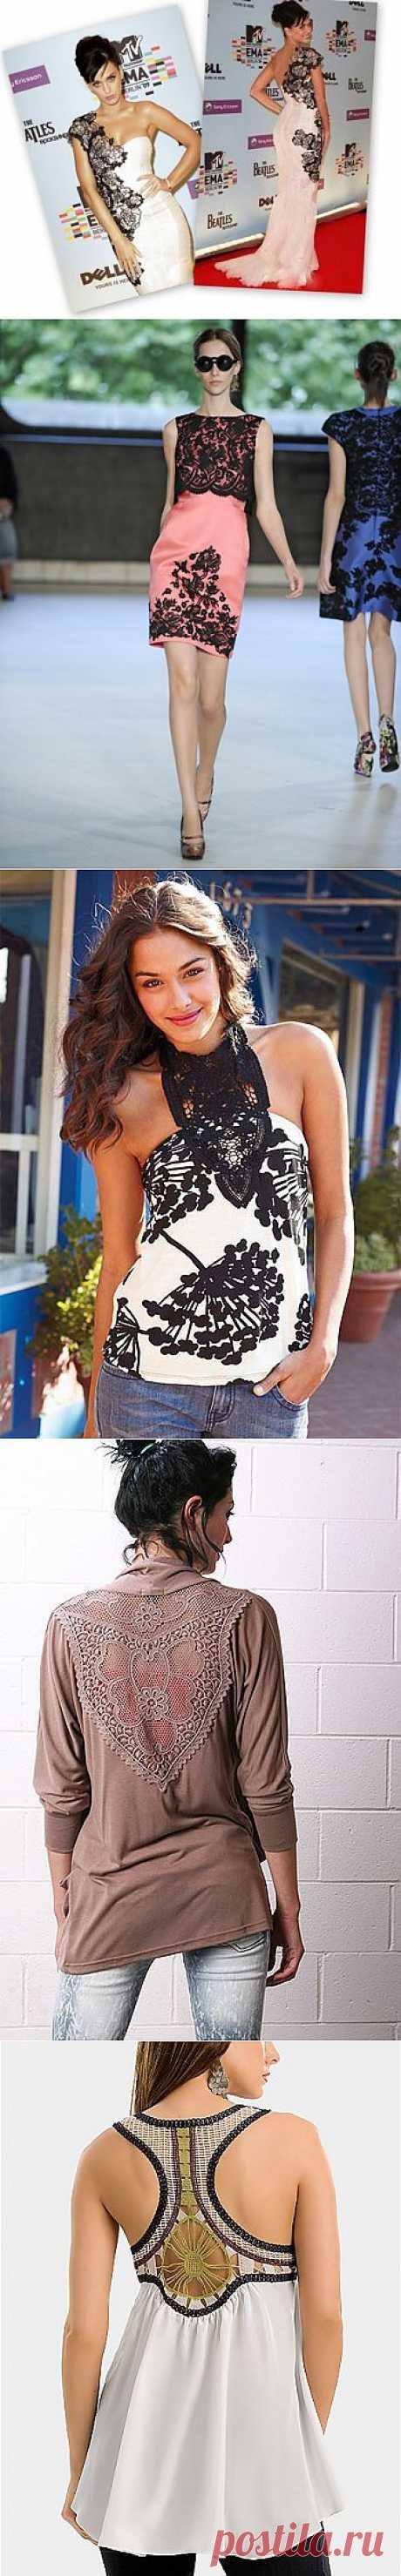 Кружевной декор одежды - подборка идей / Кружево / Модный сайт о стильной переделке одежды и интерьера